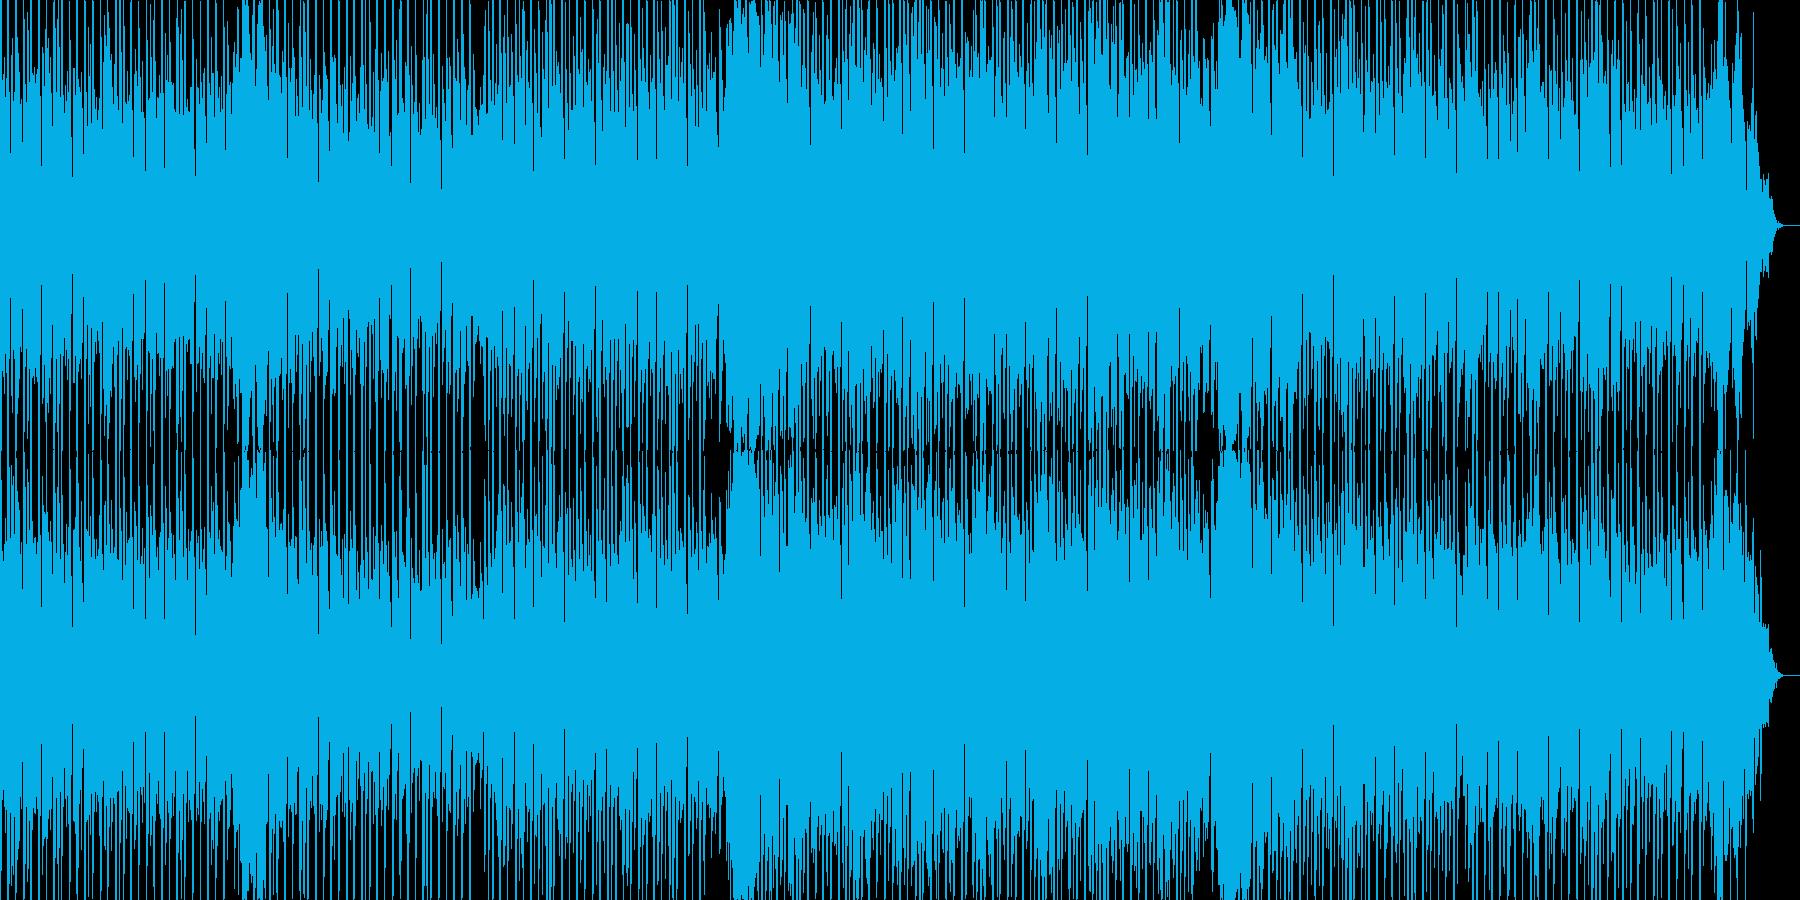 明るくリズミカルなテクノポップサウンドの再生済みの波形